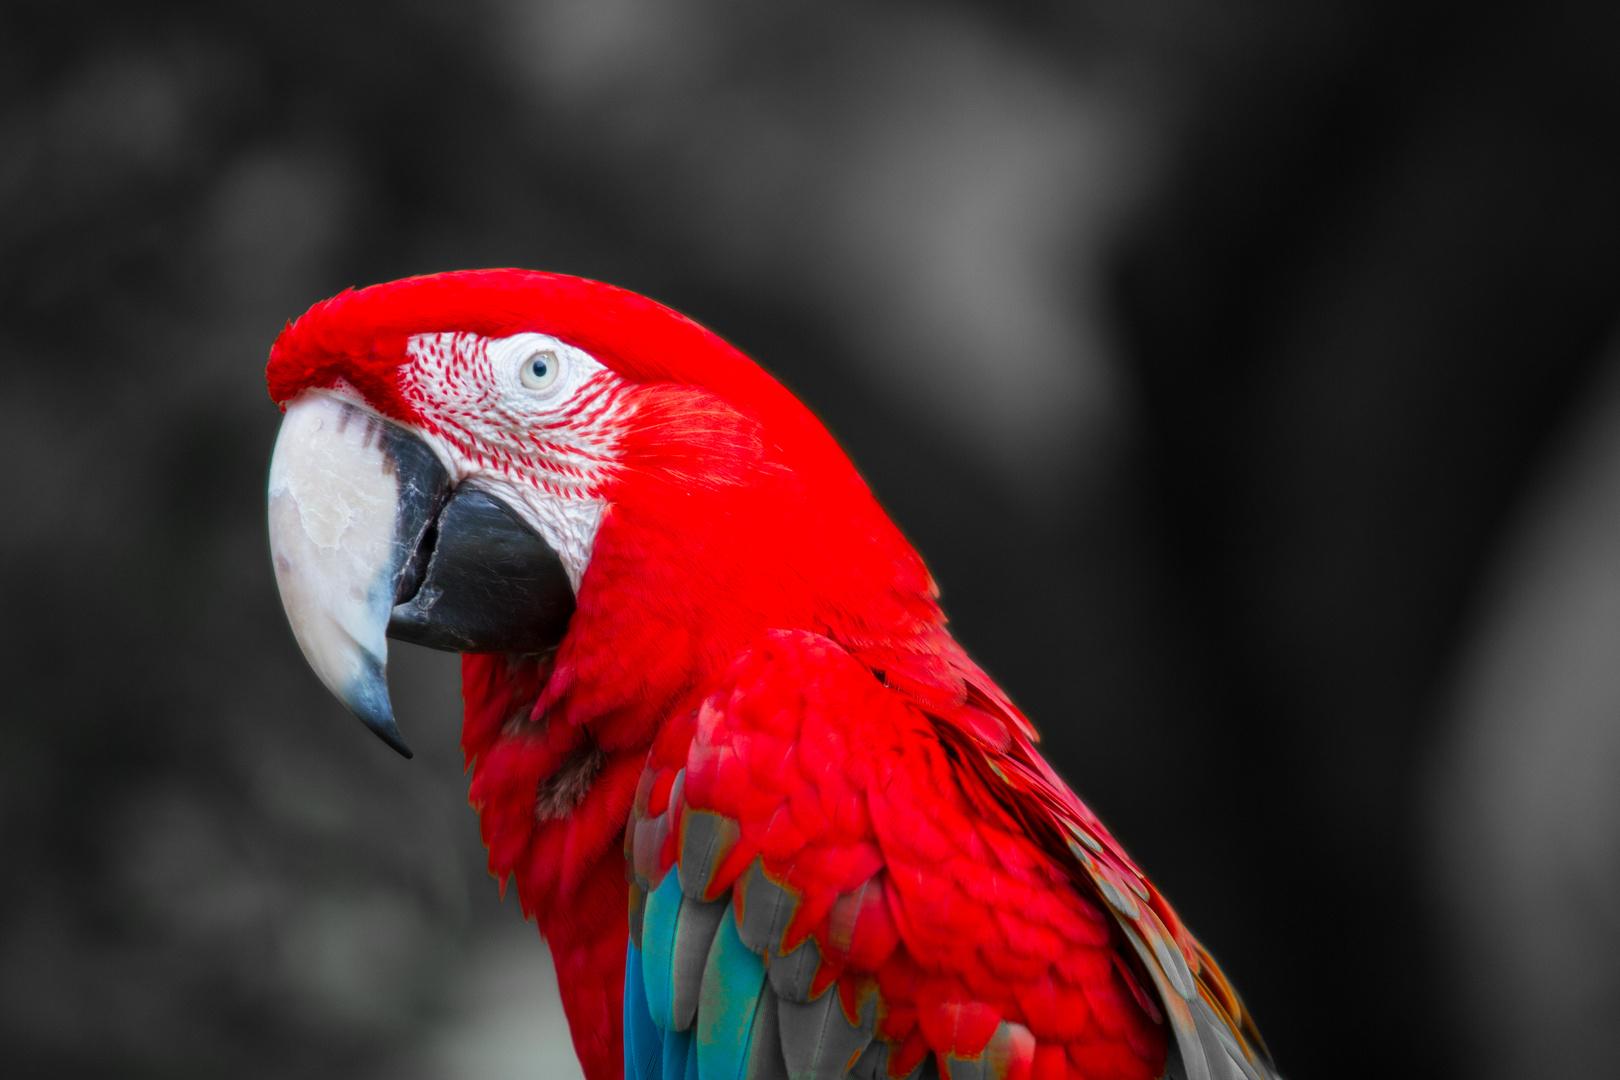 Hmmm...ist halt einfach ein roter Papagei!!!